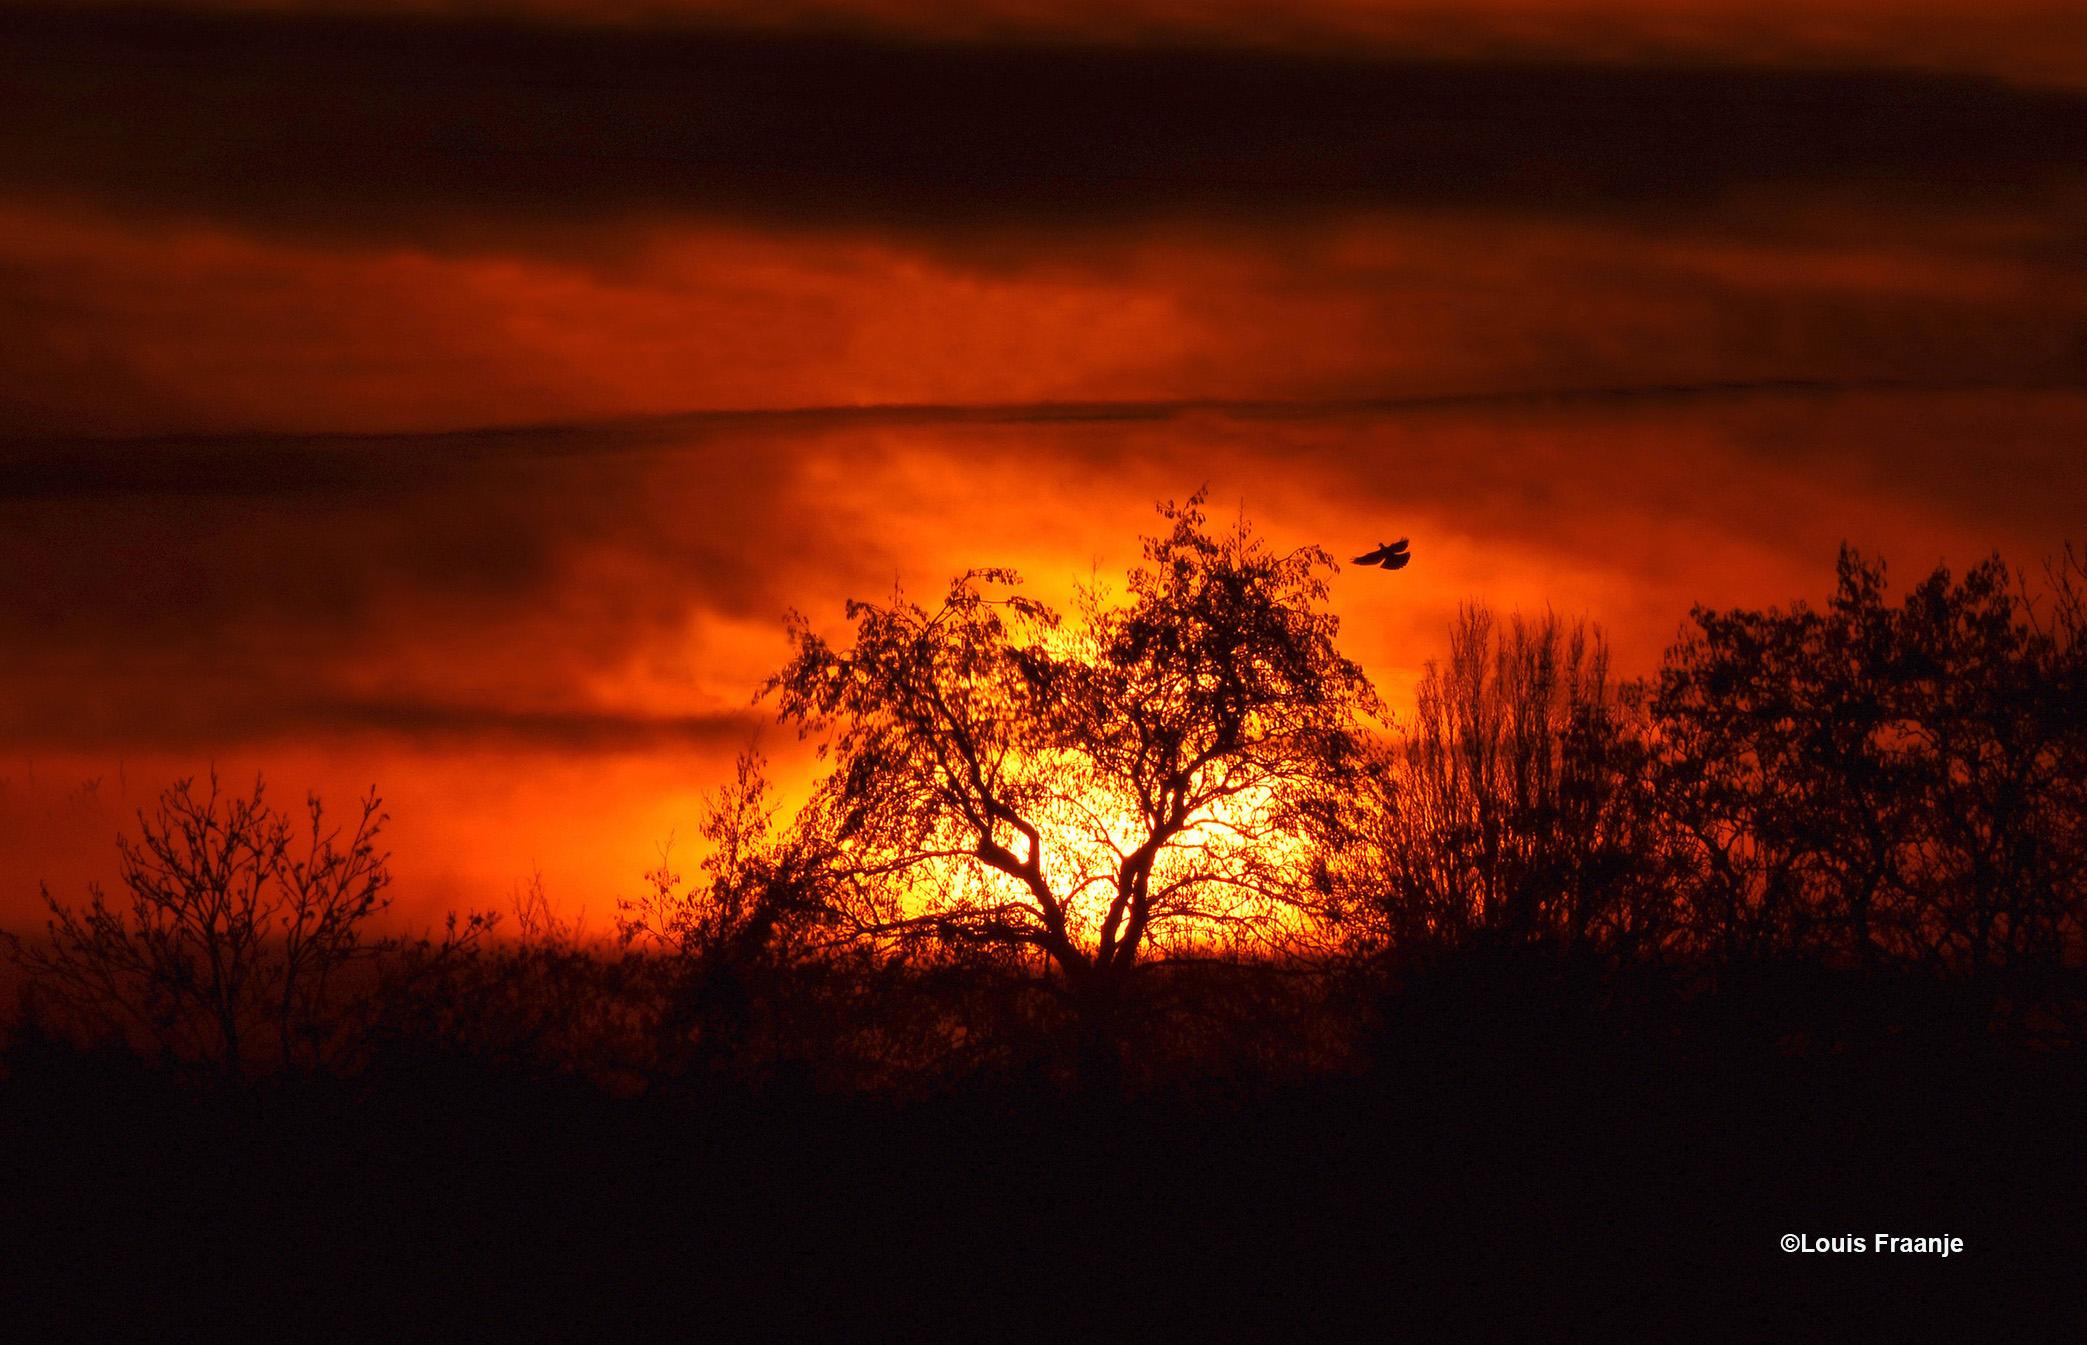 Zonsondergang achter een prachtige kromgegroeide boom met de aanvliegende duif - Foto: ©Louis Fraanje